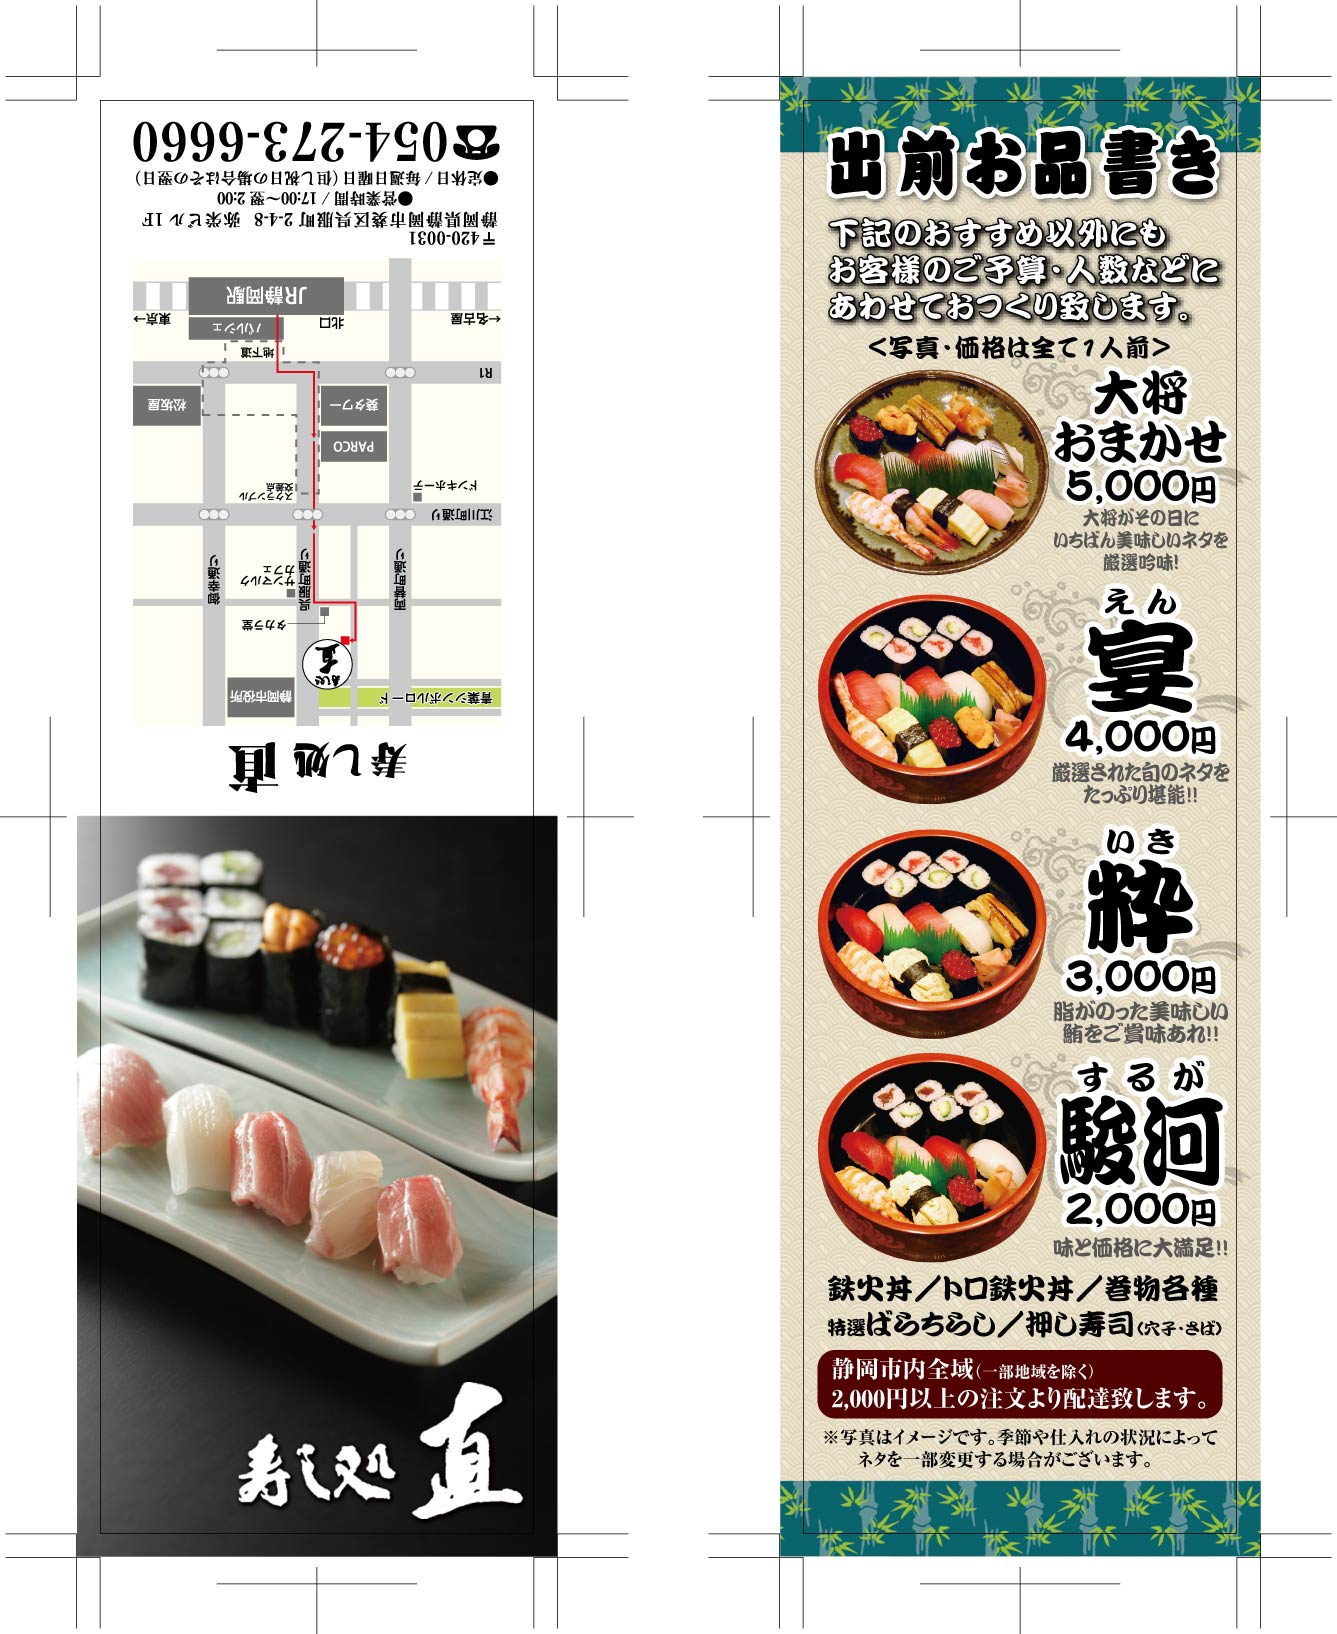 寿司処 直 出前宣伝カード